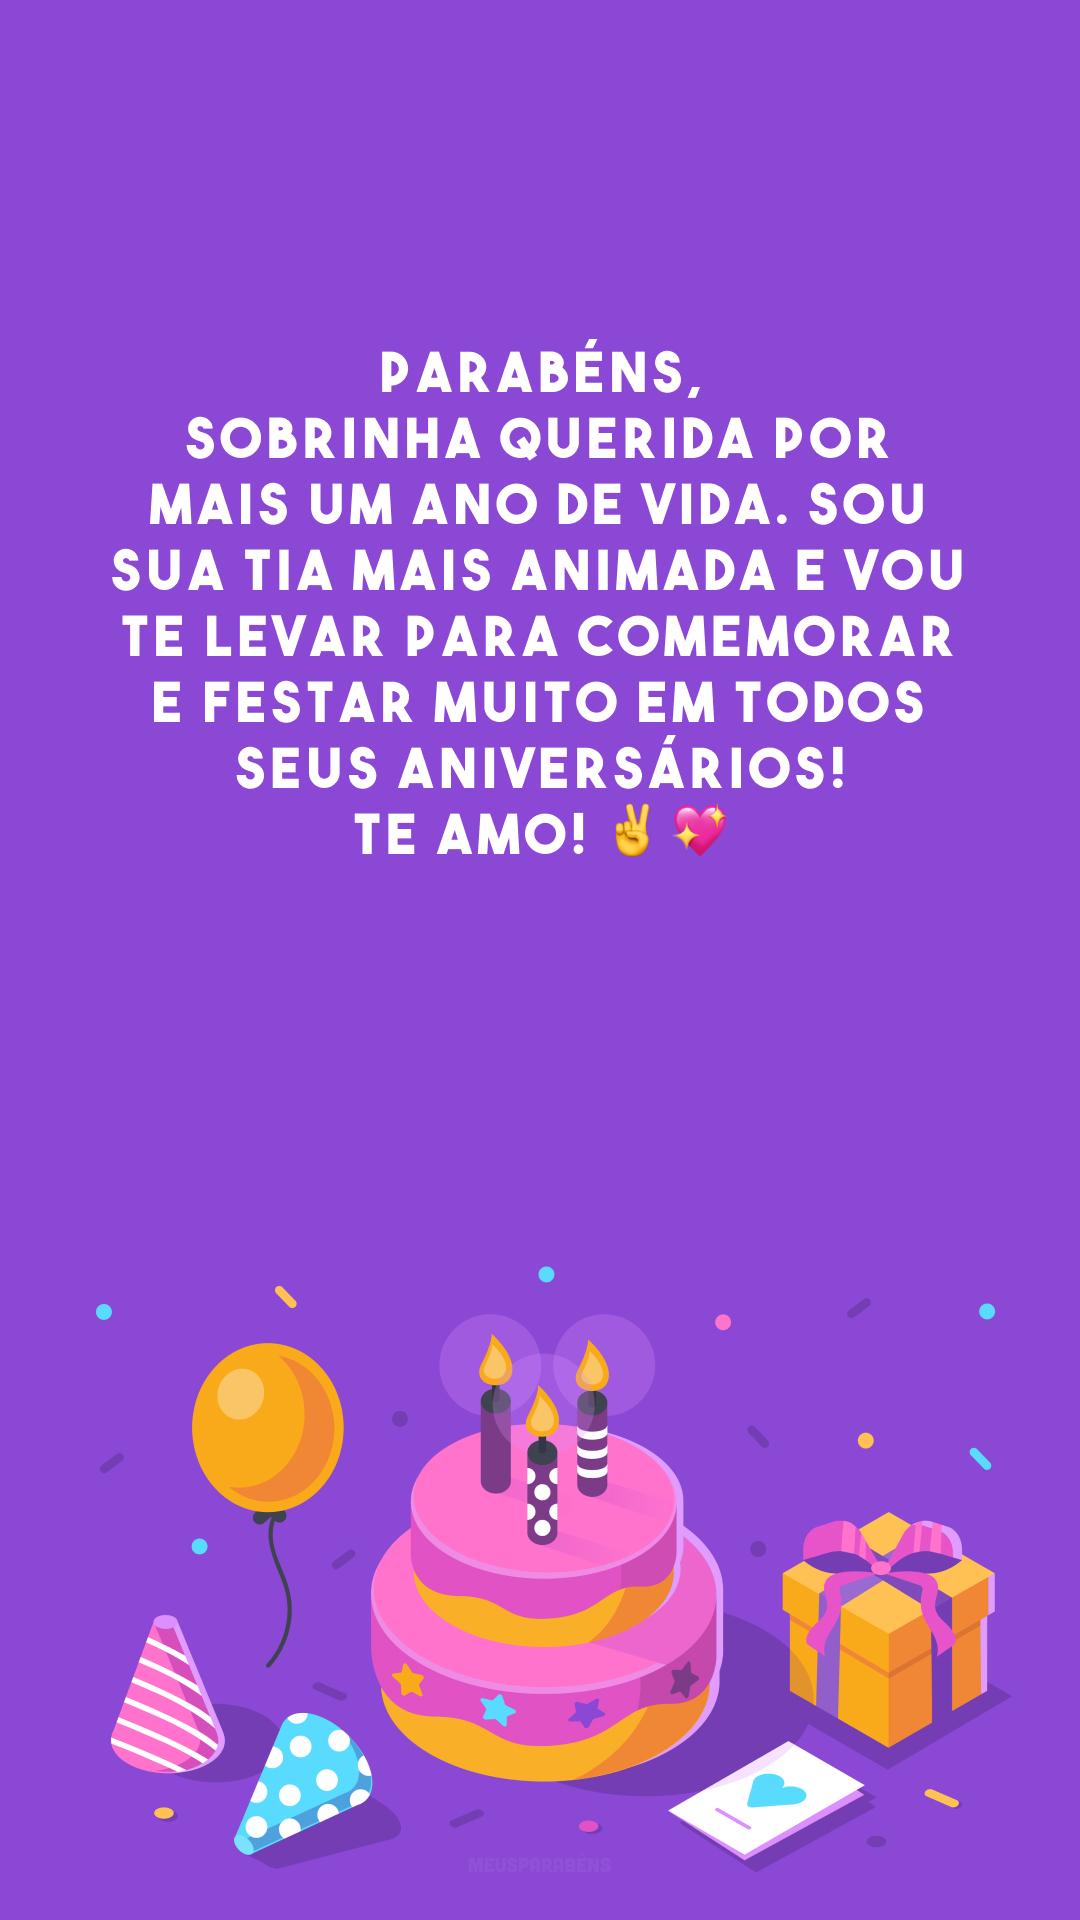 Parabéns, sobrinha querida por mais um ano de vida. Sou sua tia mais animada e vou te levar para comemorar e festar muito em todos seus aniversários! Te amo! ✌️💖